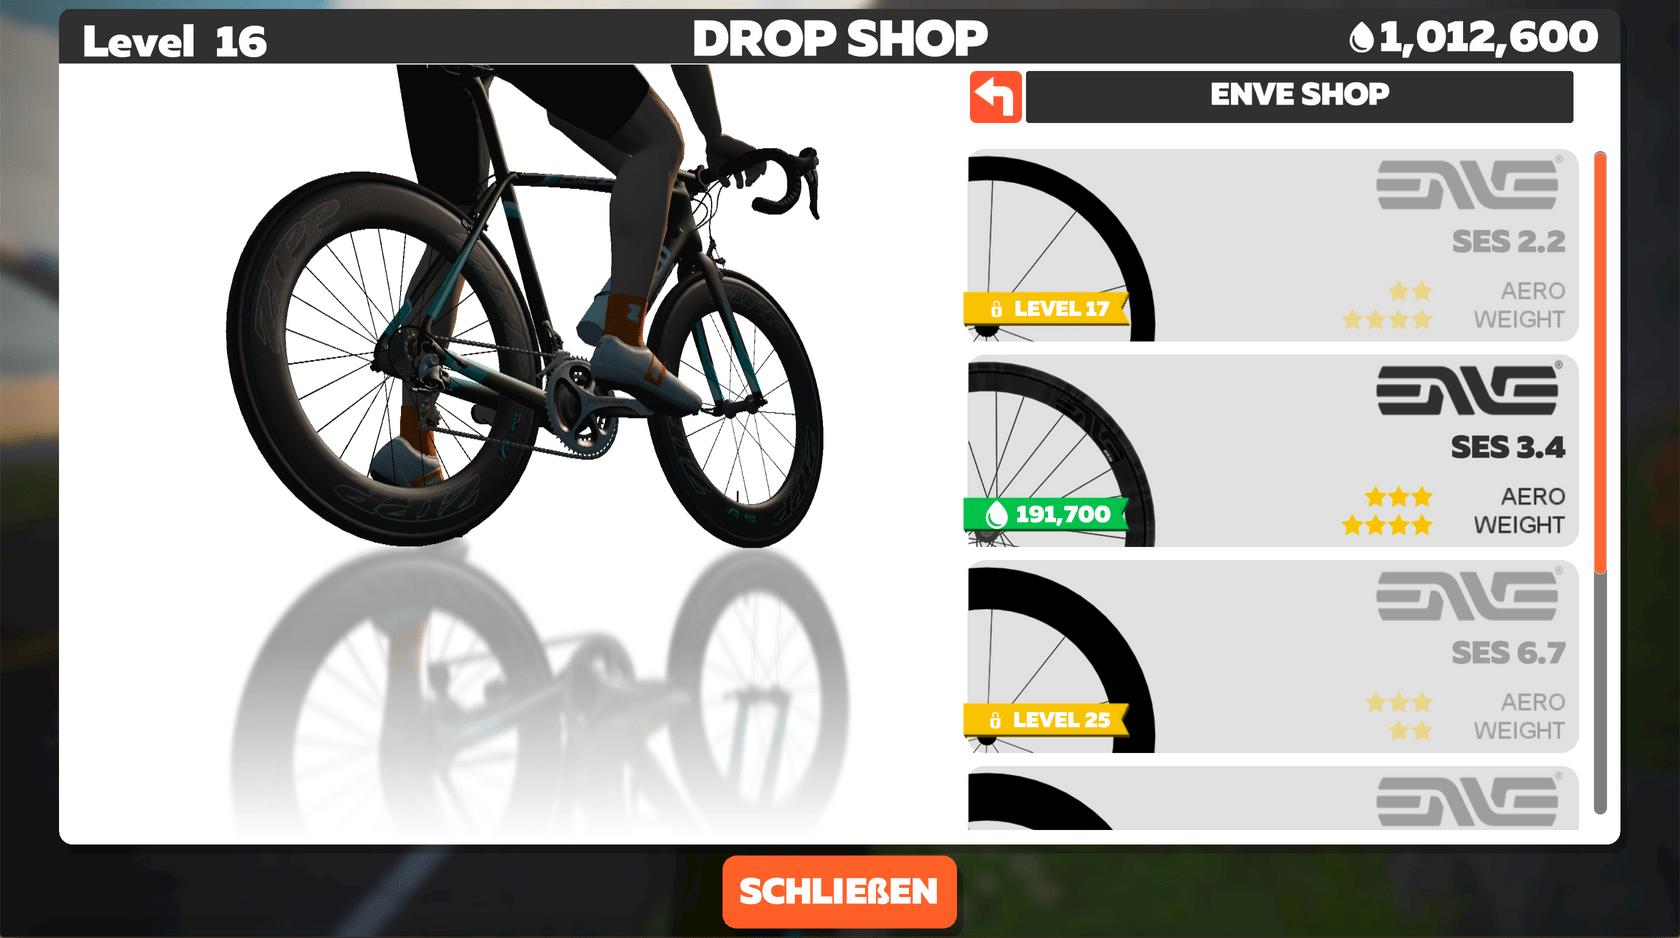 Drop Shop Rad Shop Enve Laufräder